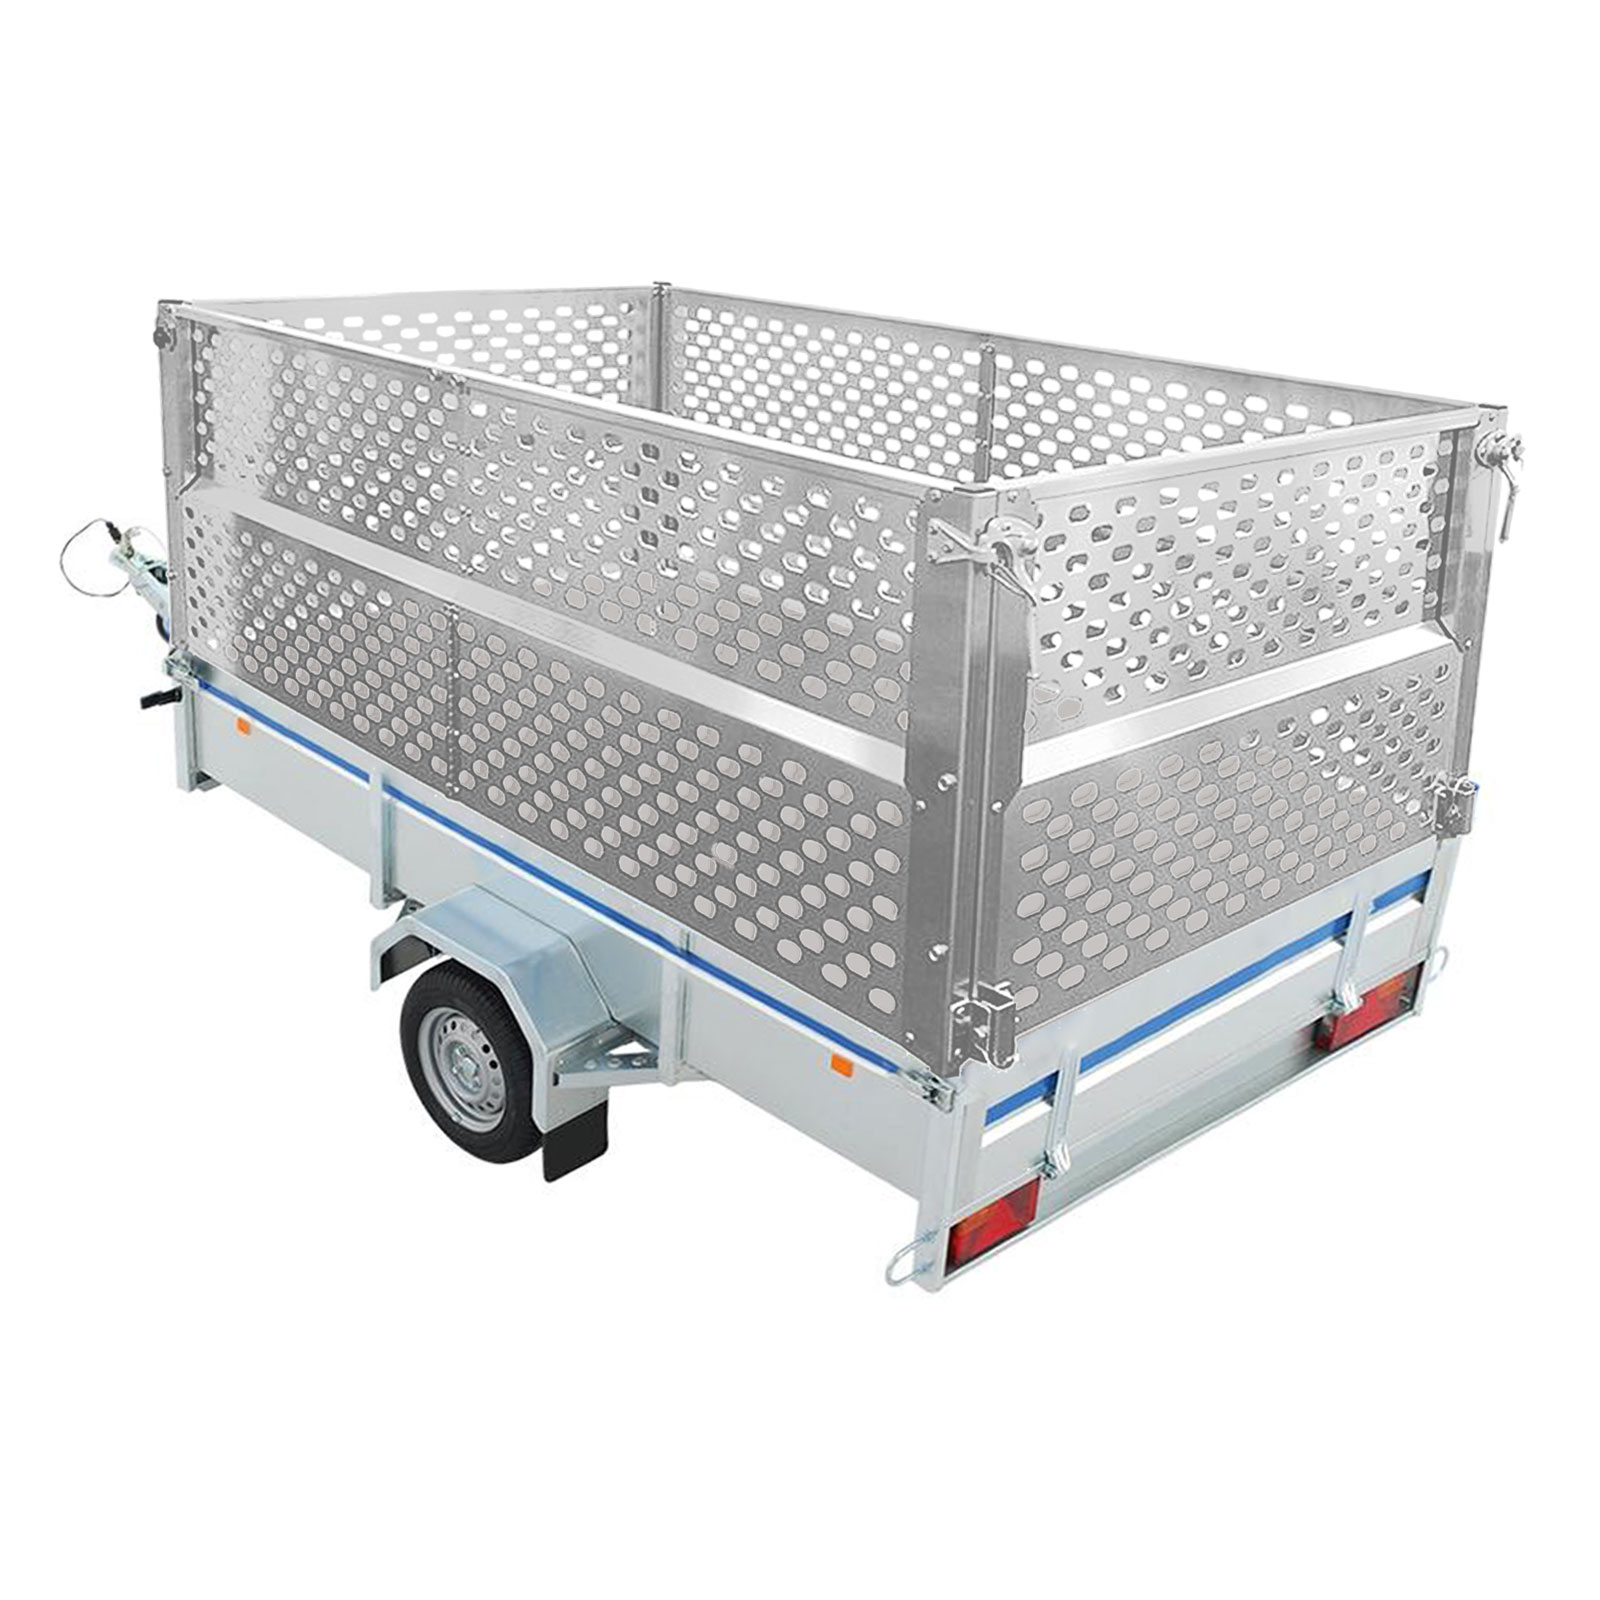 Anhänger Gitteraufsatz 2075x1140x660 mm Aluminium Bordwand Laubgitter